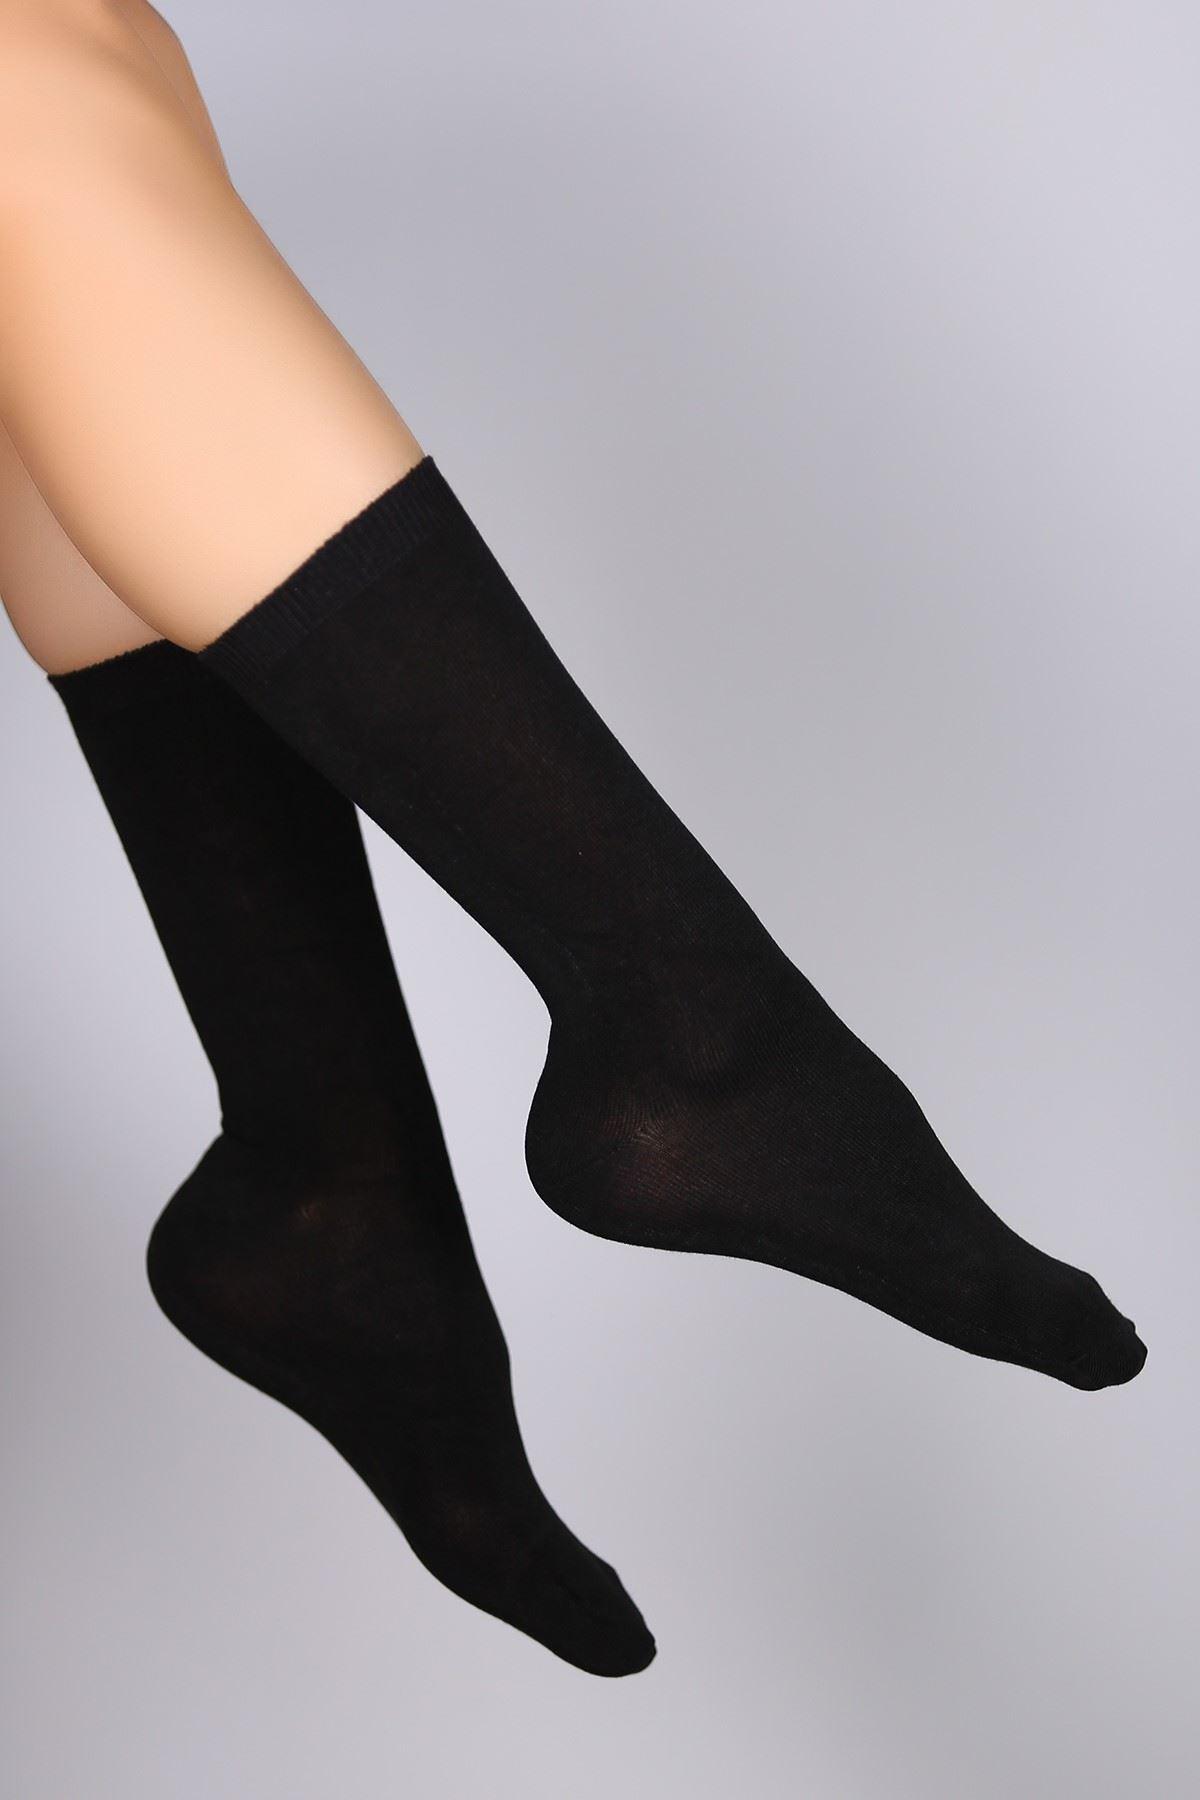 Bambu Dikişsiz Soket Çorap Siyah - 8888.1114.